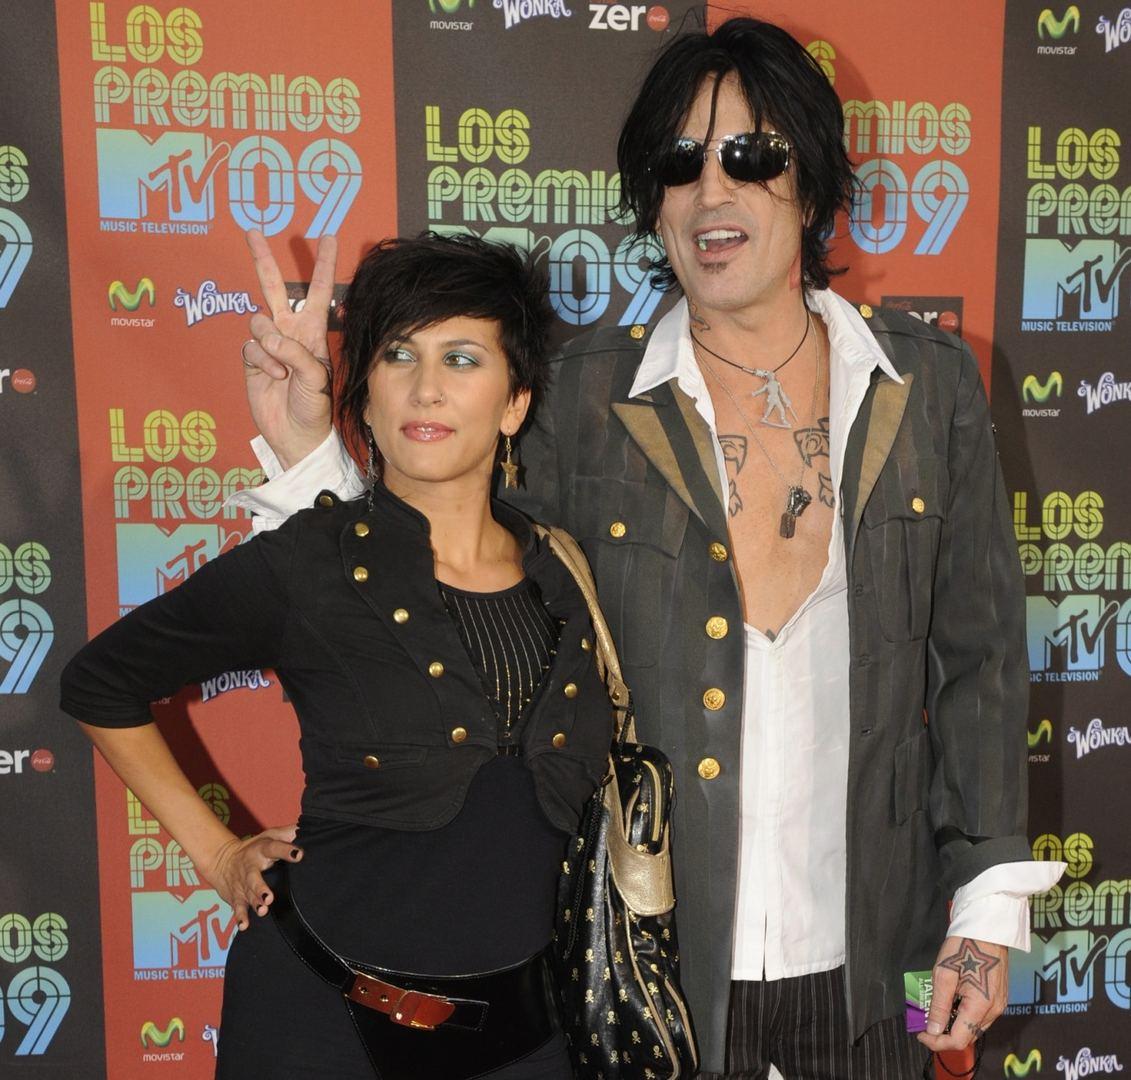 Tommy lee and sofia toufa